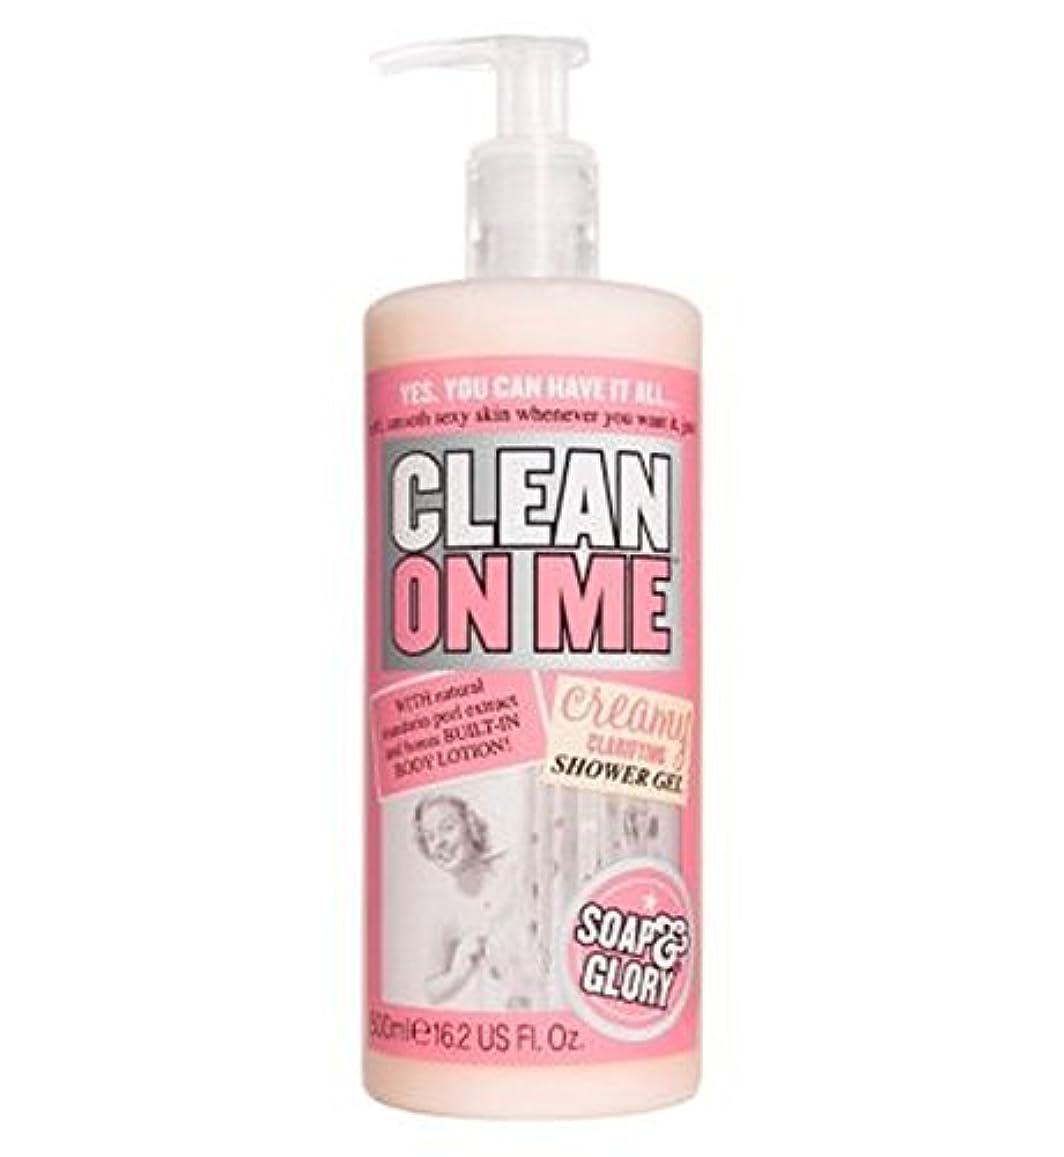 グリースオーバーラン暴徒Soap & Glory Clean On Me Creamy Clarifying Shower Gel 500ml - 私にきれいな石鹸&栄光はシャワージェル500ミリリットルを明確にクリーミー (Soap & Glory...